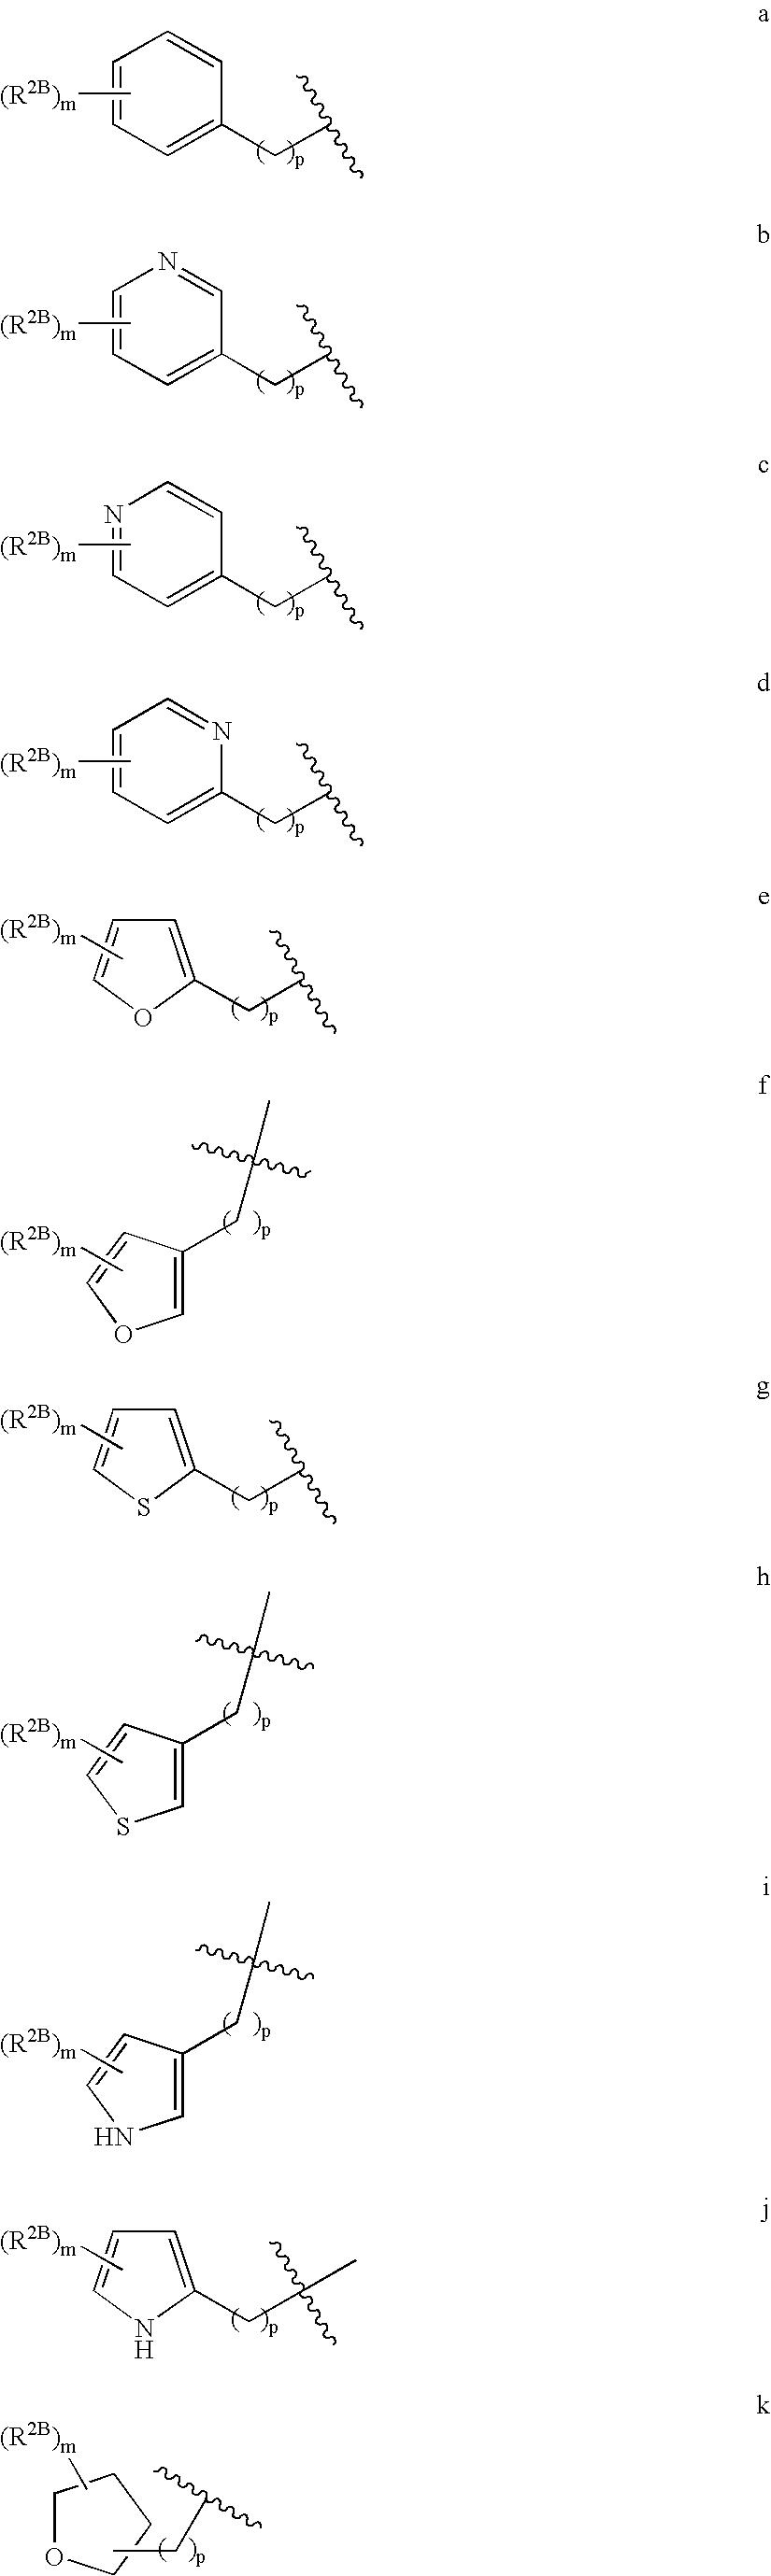 Figure US20040072849A1-20040415-C00092